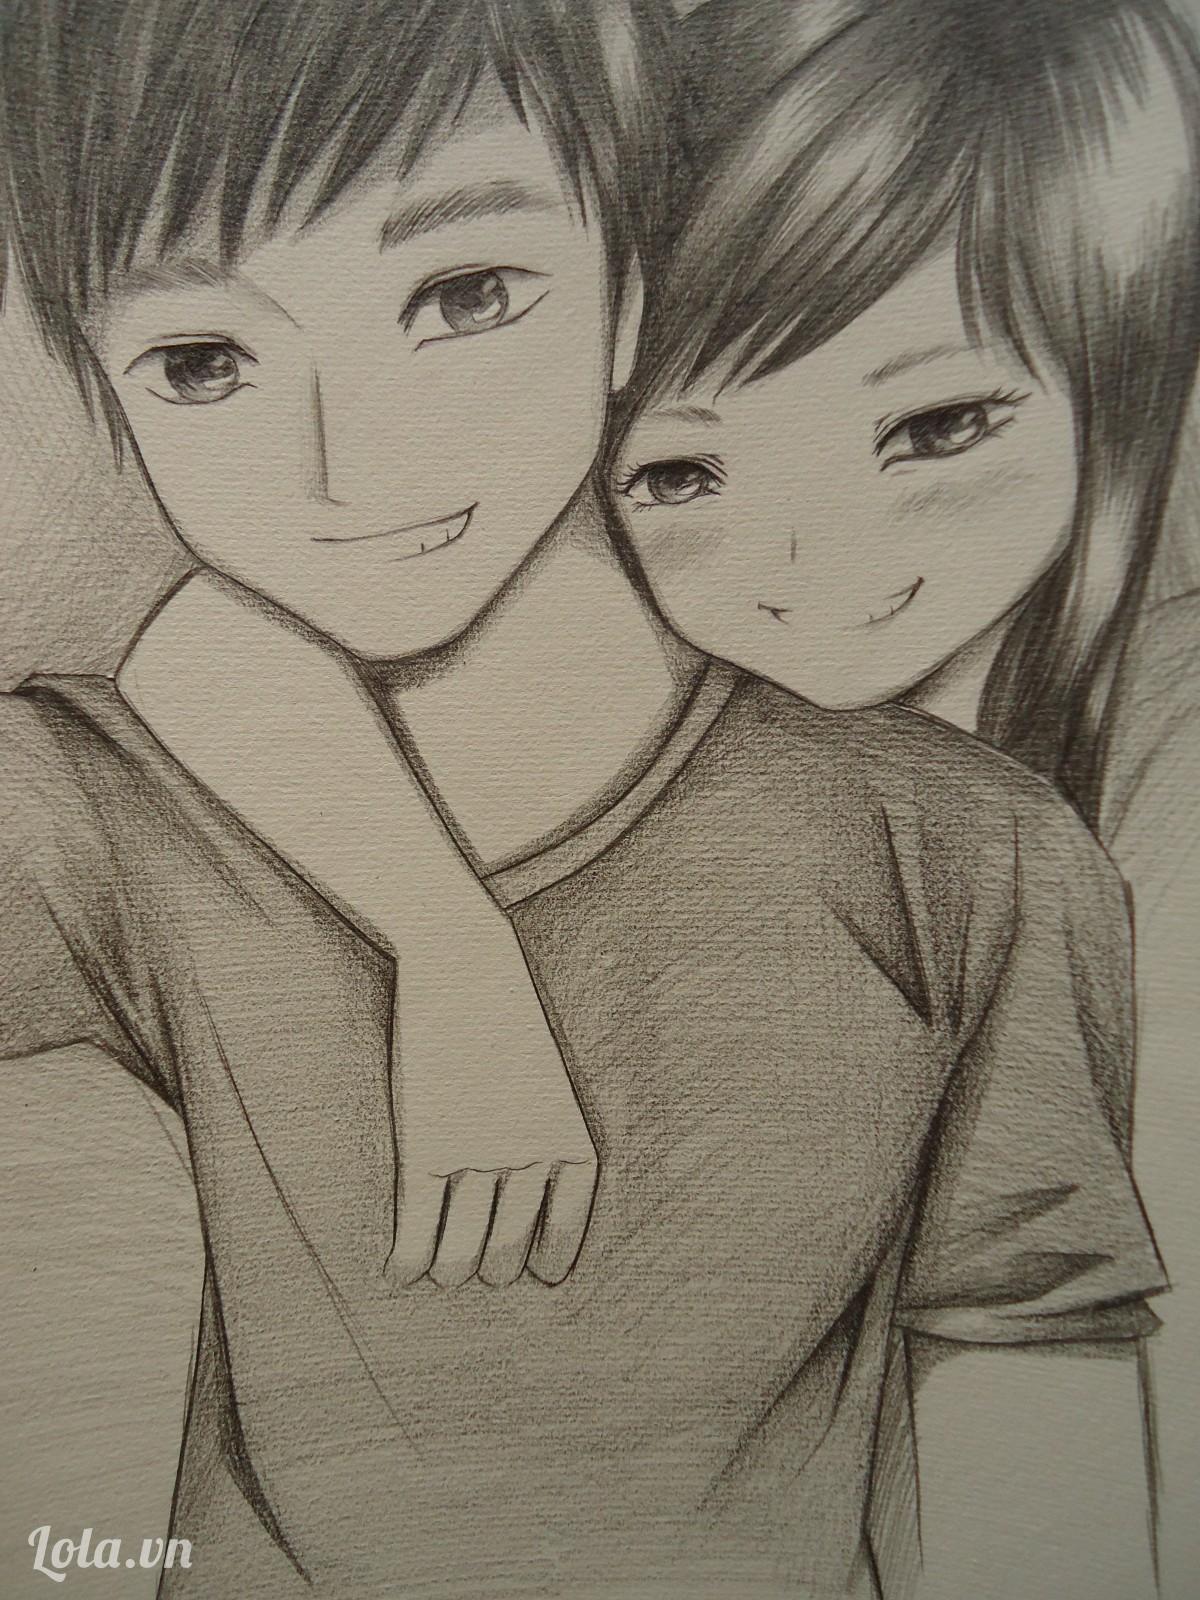 Hình vẽ cặp đôi hoạt hình dễ thương bằng bút chì